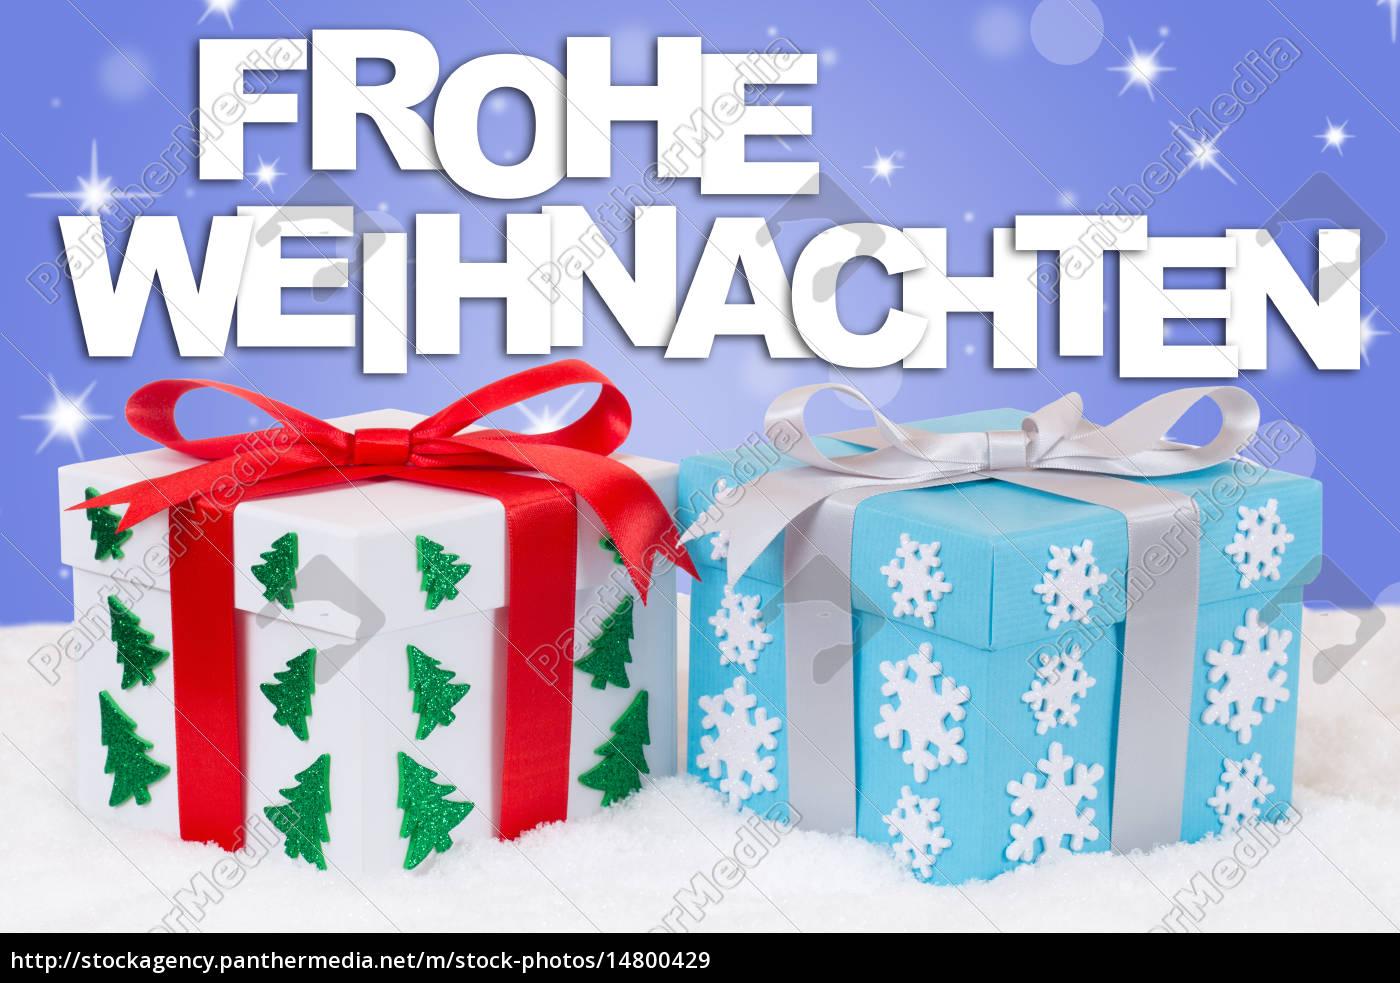 Weihnachtsgeschenke Geschenke.Lizenzfreies Bild 14800429 Weihnachtsgeschenke Geschenke Frohe Weihnachten Weihnachtskarte